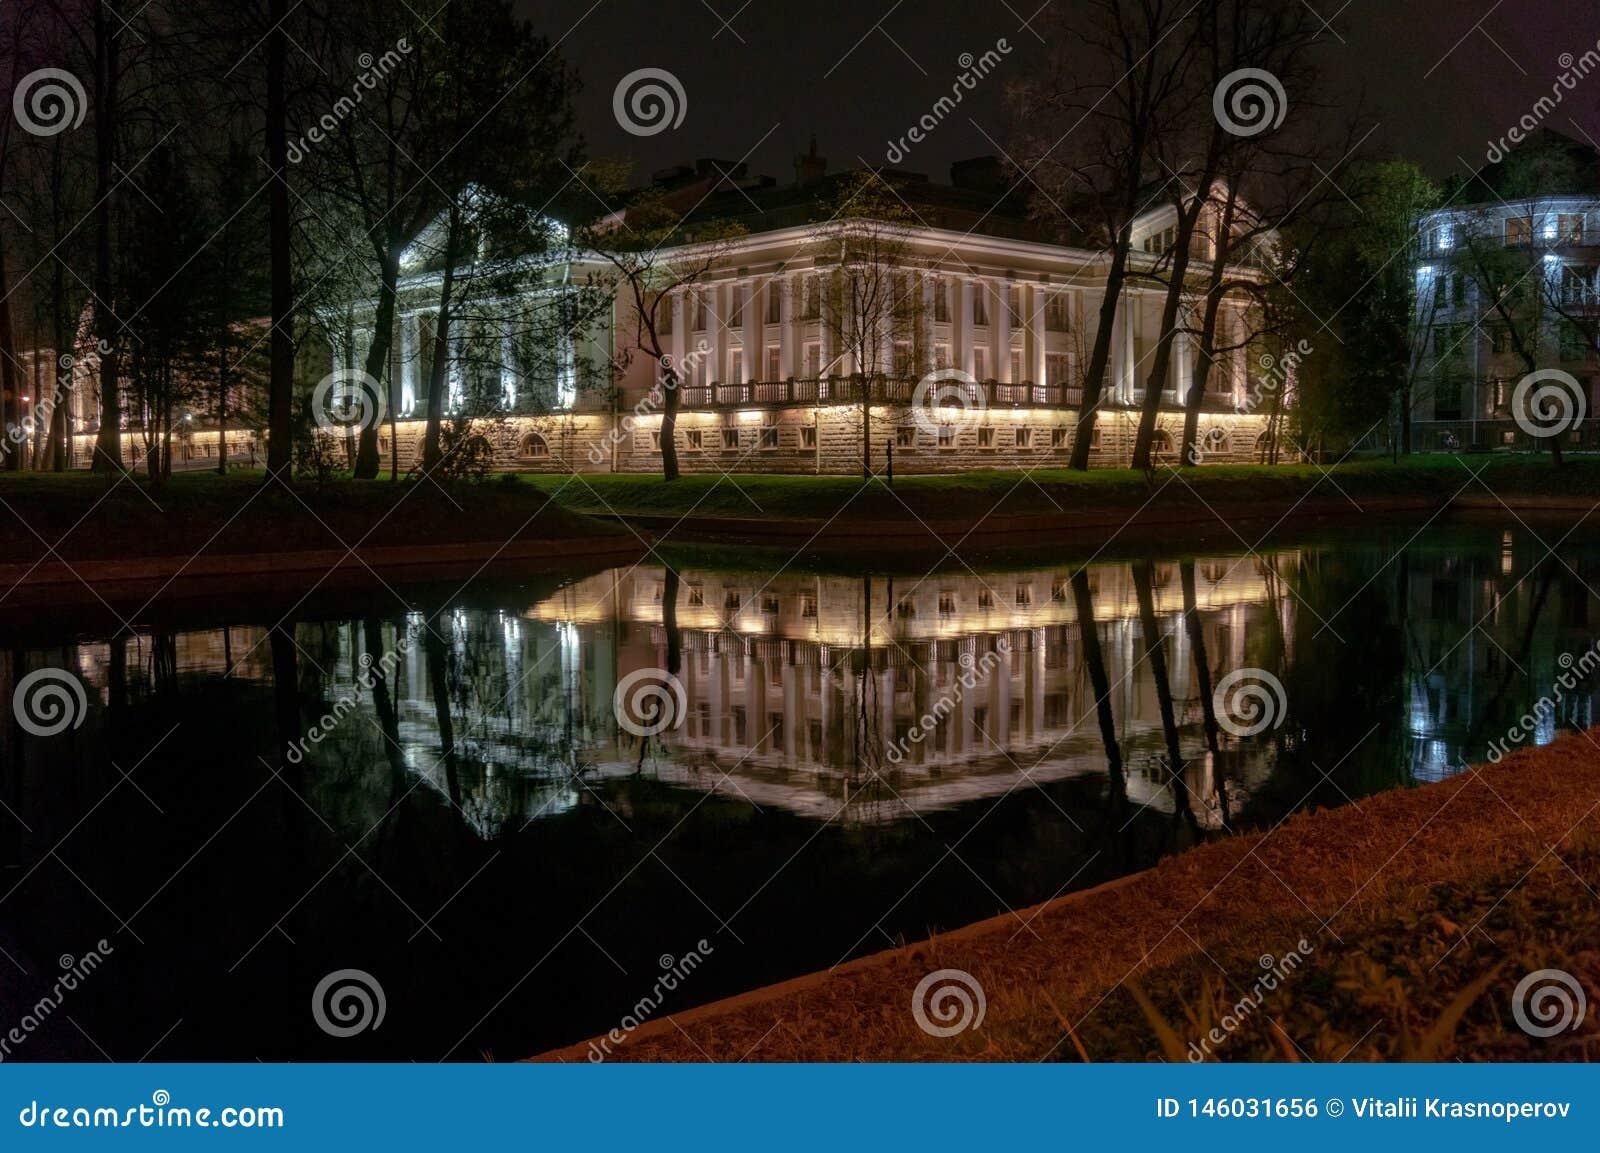 Όμορφο κτήριο που φωτίζεται από τα φω τα που απεικονίζονται στον ποταμό